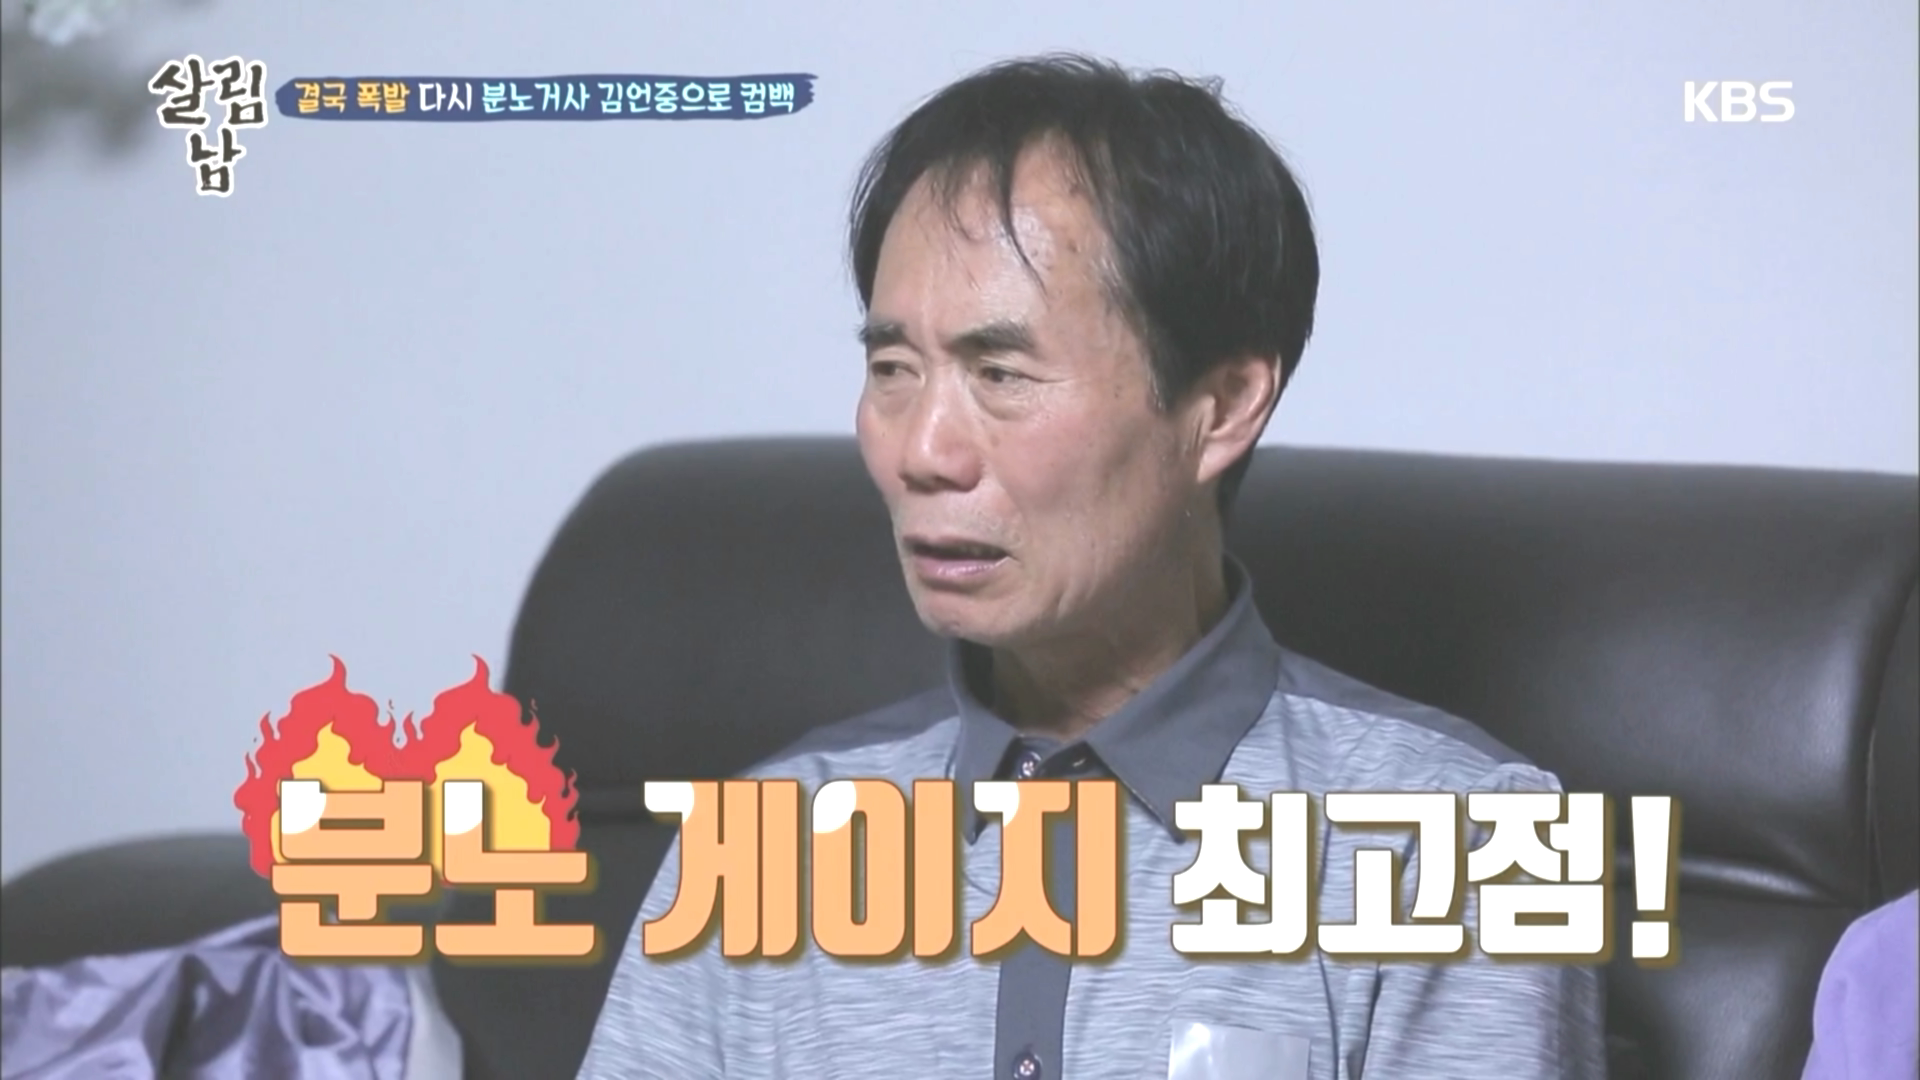 분노 조절 7단계도 어쩔 수 없다. 분노 김언중 컴백!!.